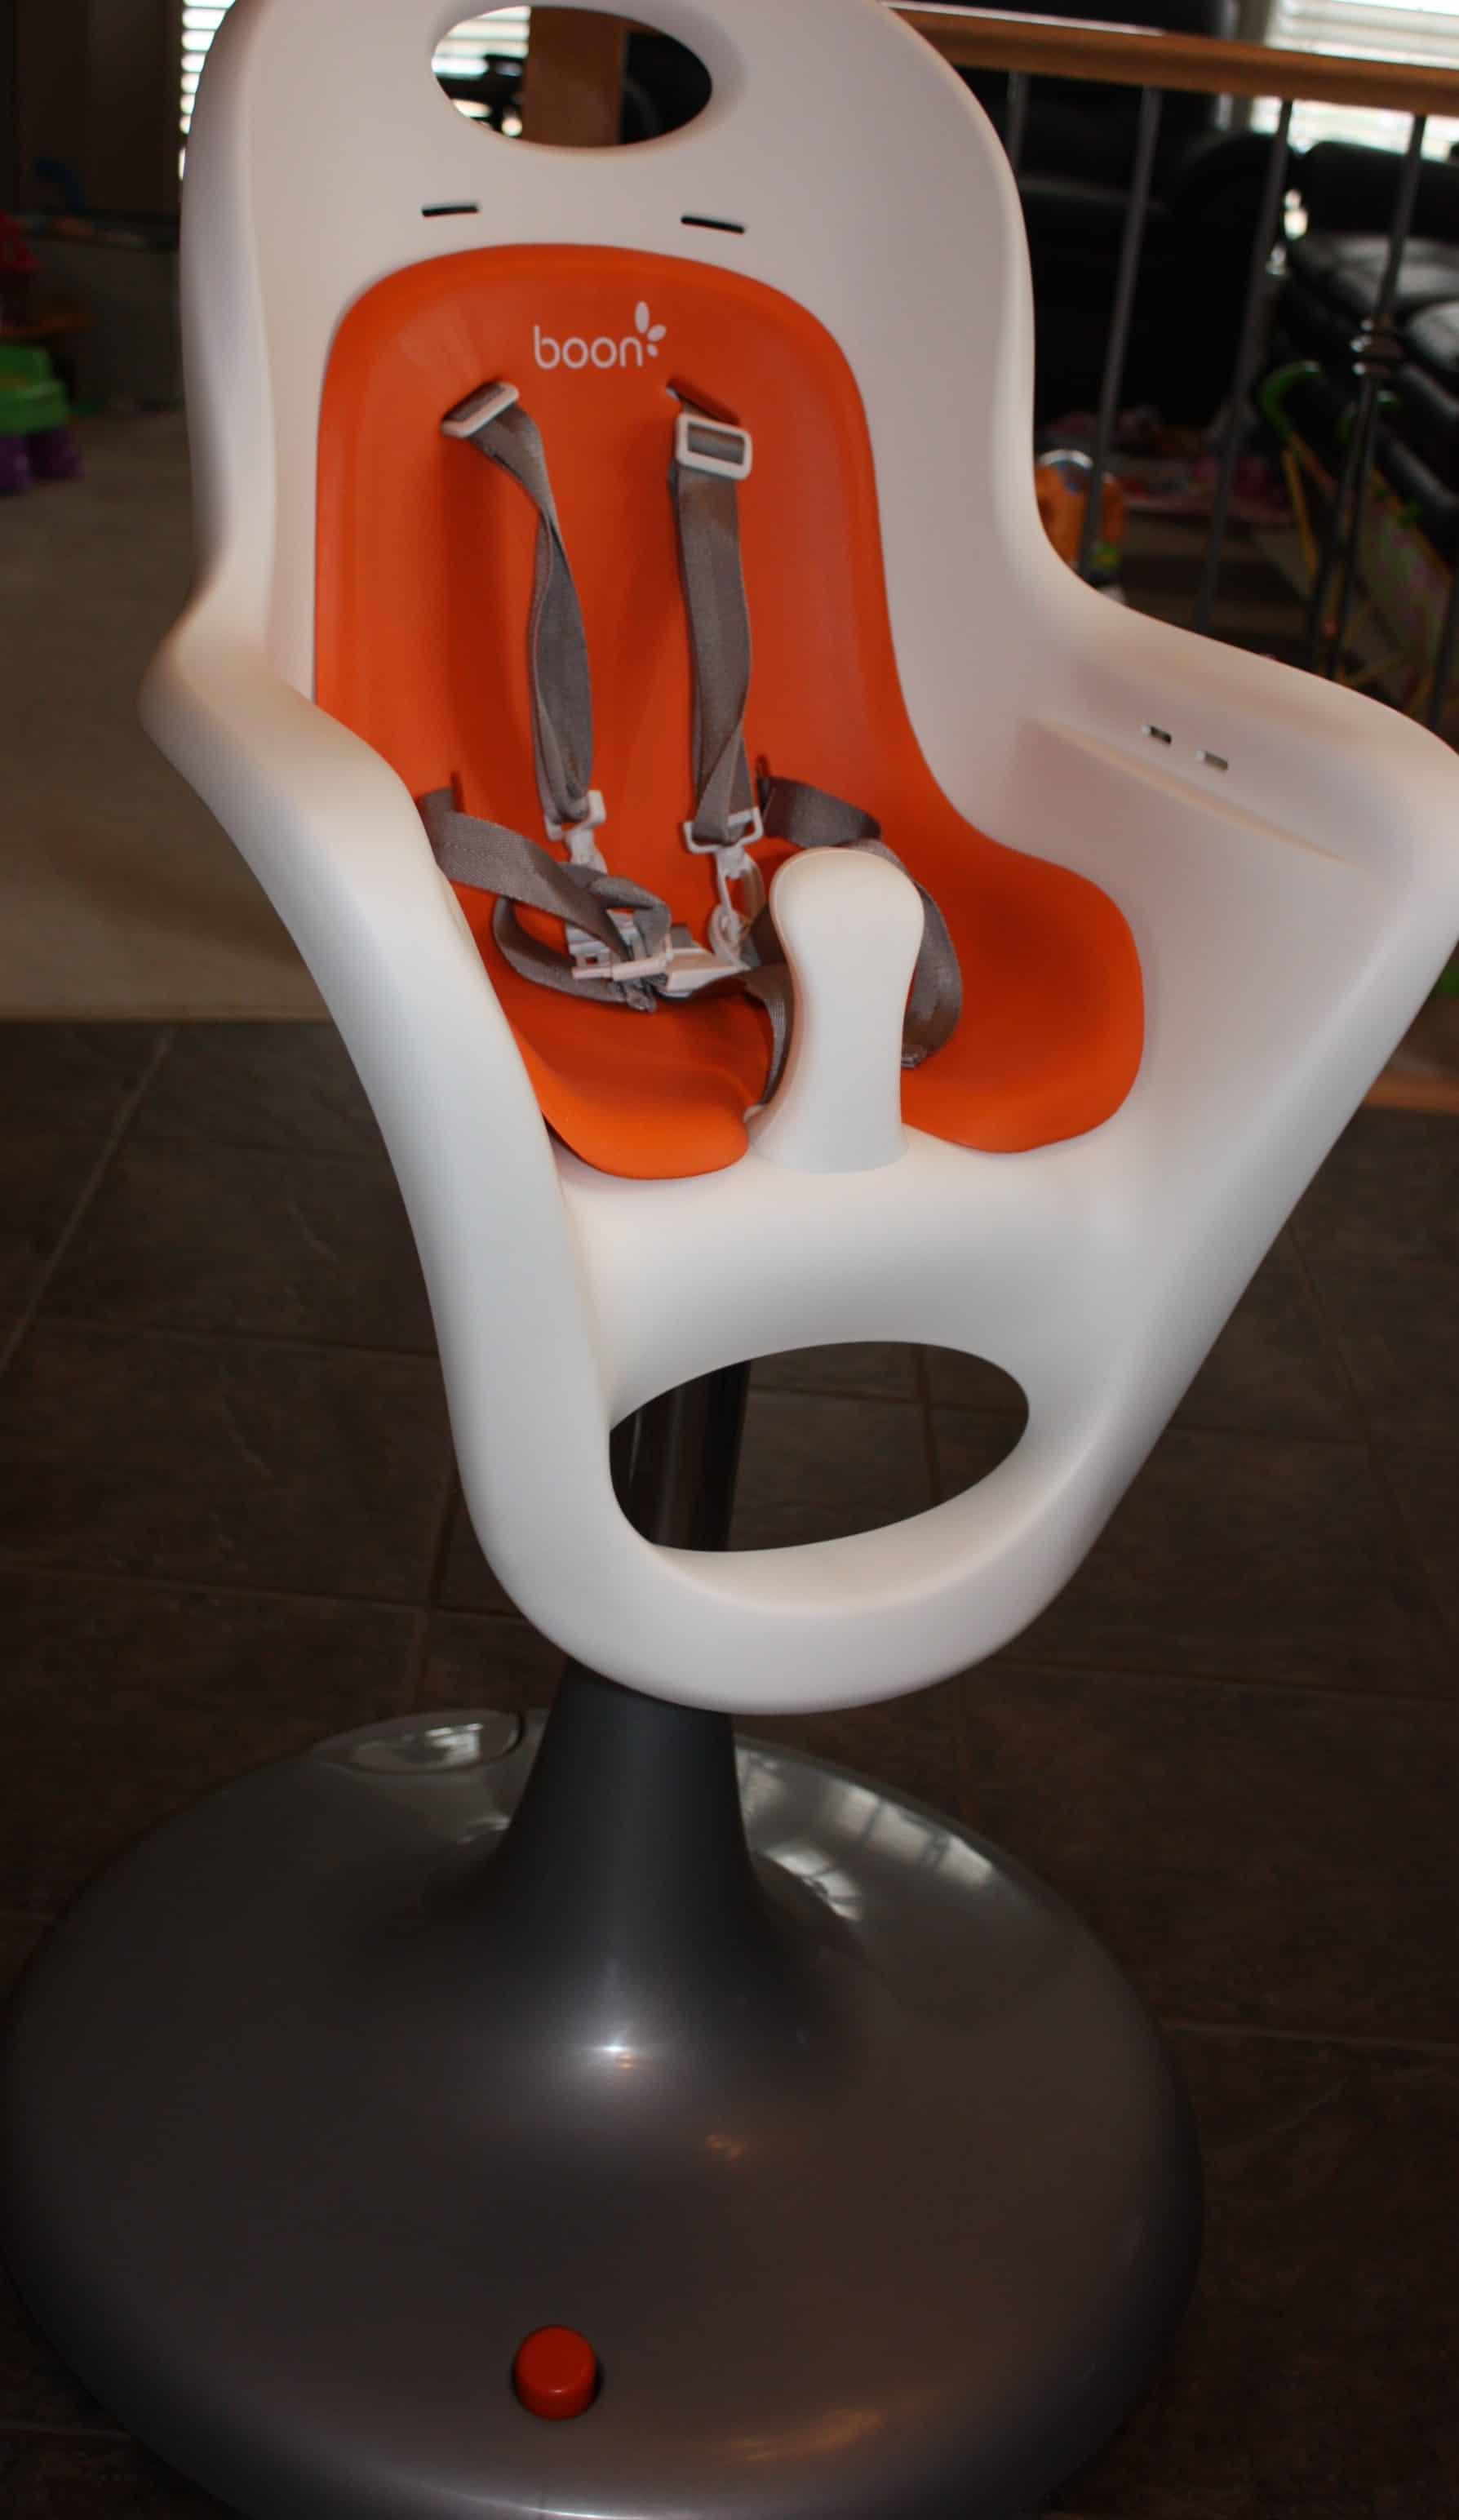 boon high chair plastic adirondack chairs canada flair pedestal my organized chaos